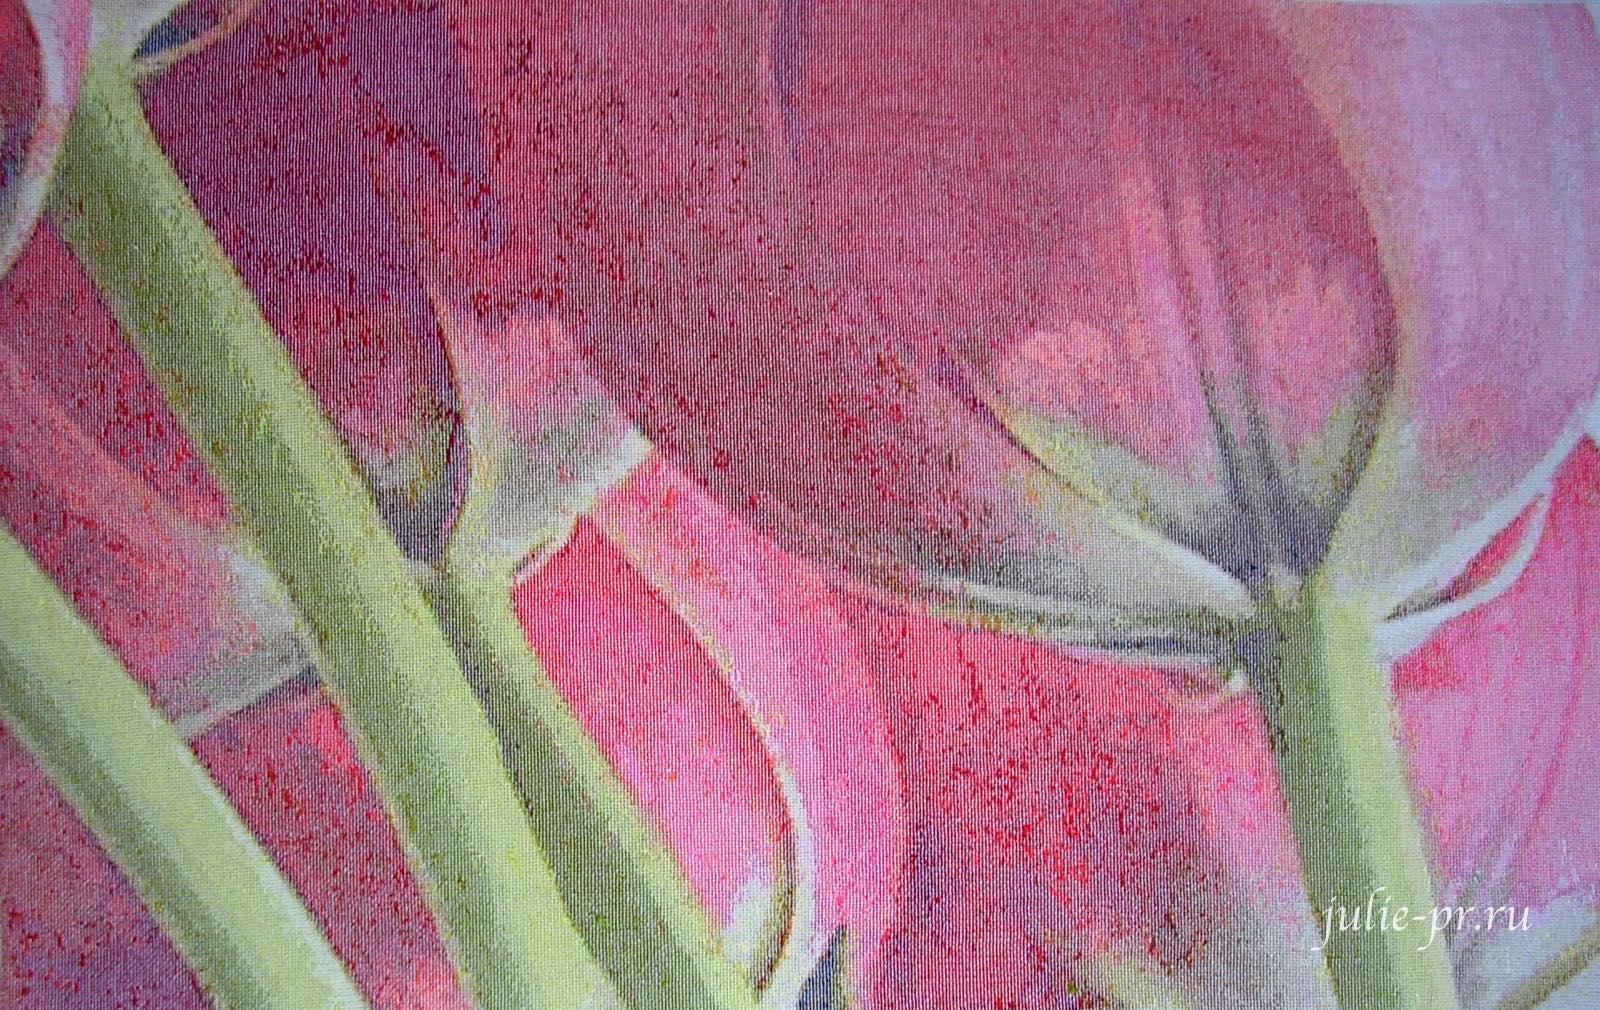 I love crossstitch, 5 tulips, пять тюльпанов, огромные тюльпаны, вышивка крестом, идеальная изнанка, вышивка с идеальной изнанкой